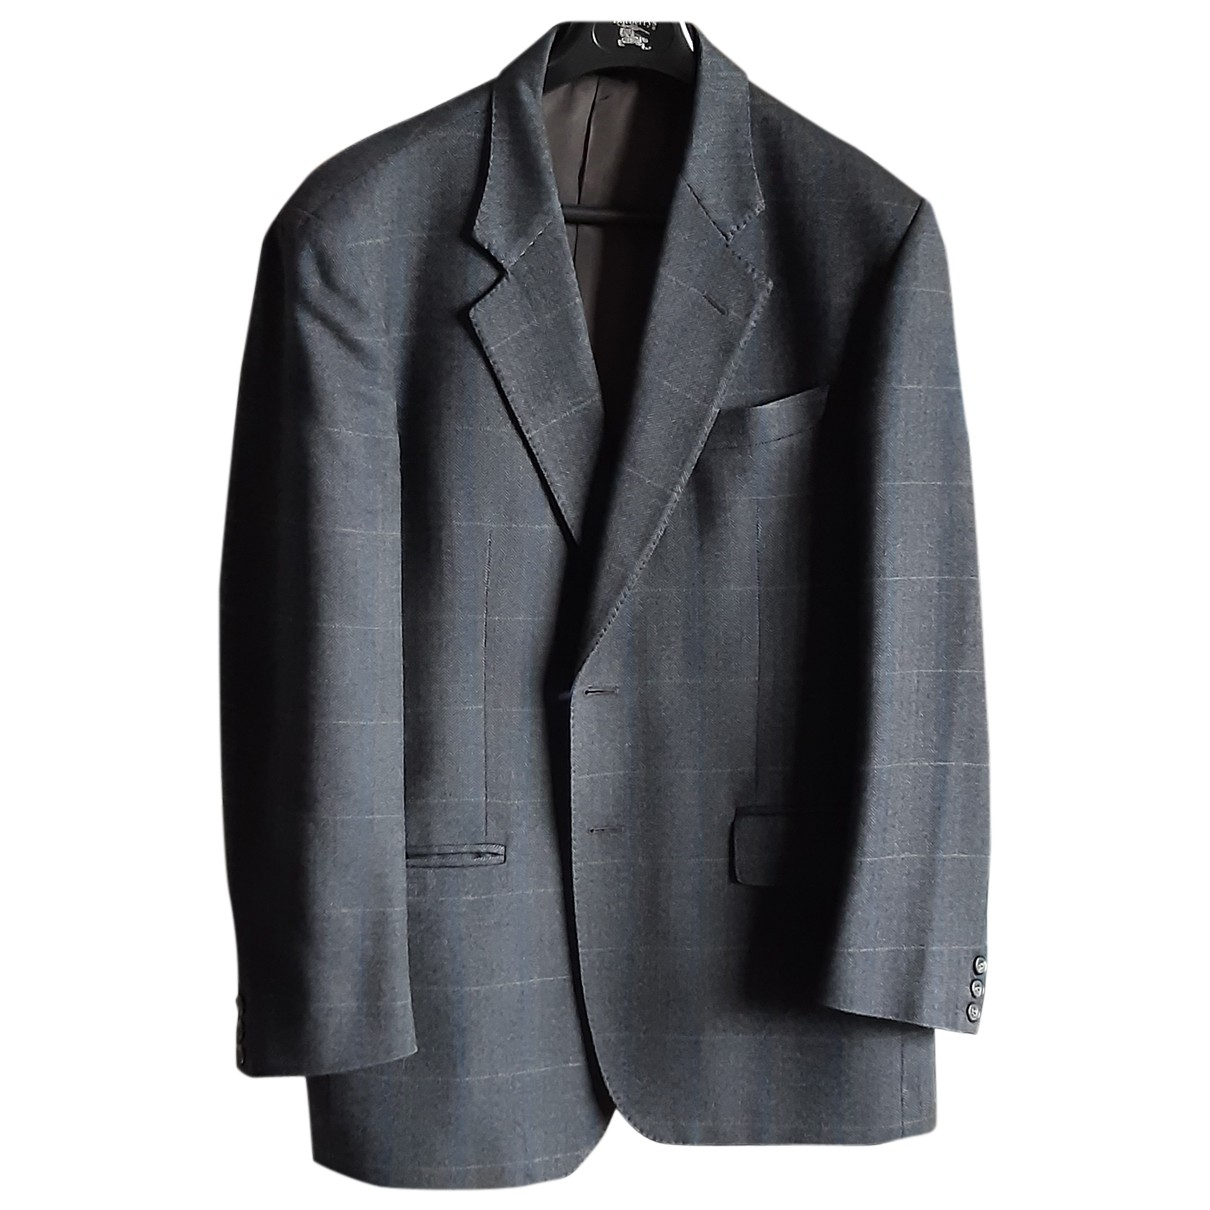 Autre Marque - Vestes.Blousons   pour homme en laine - gris